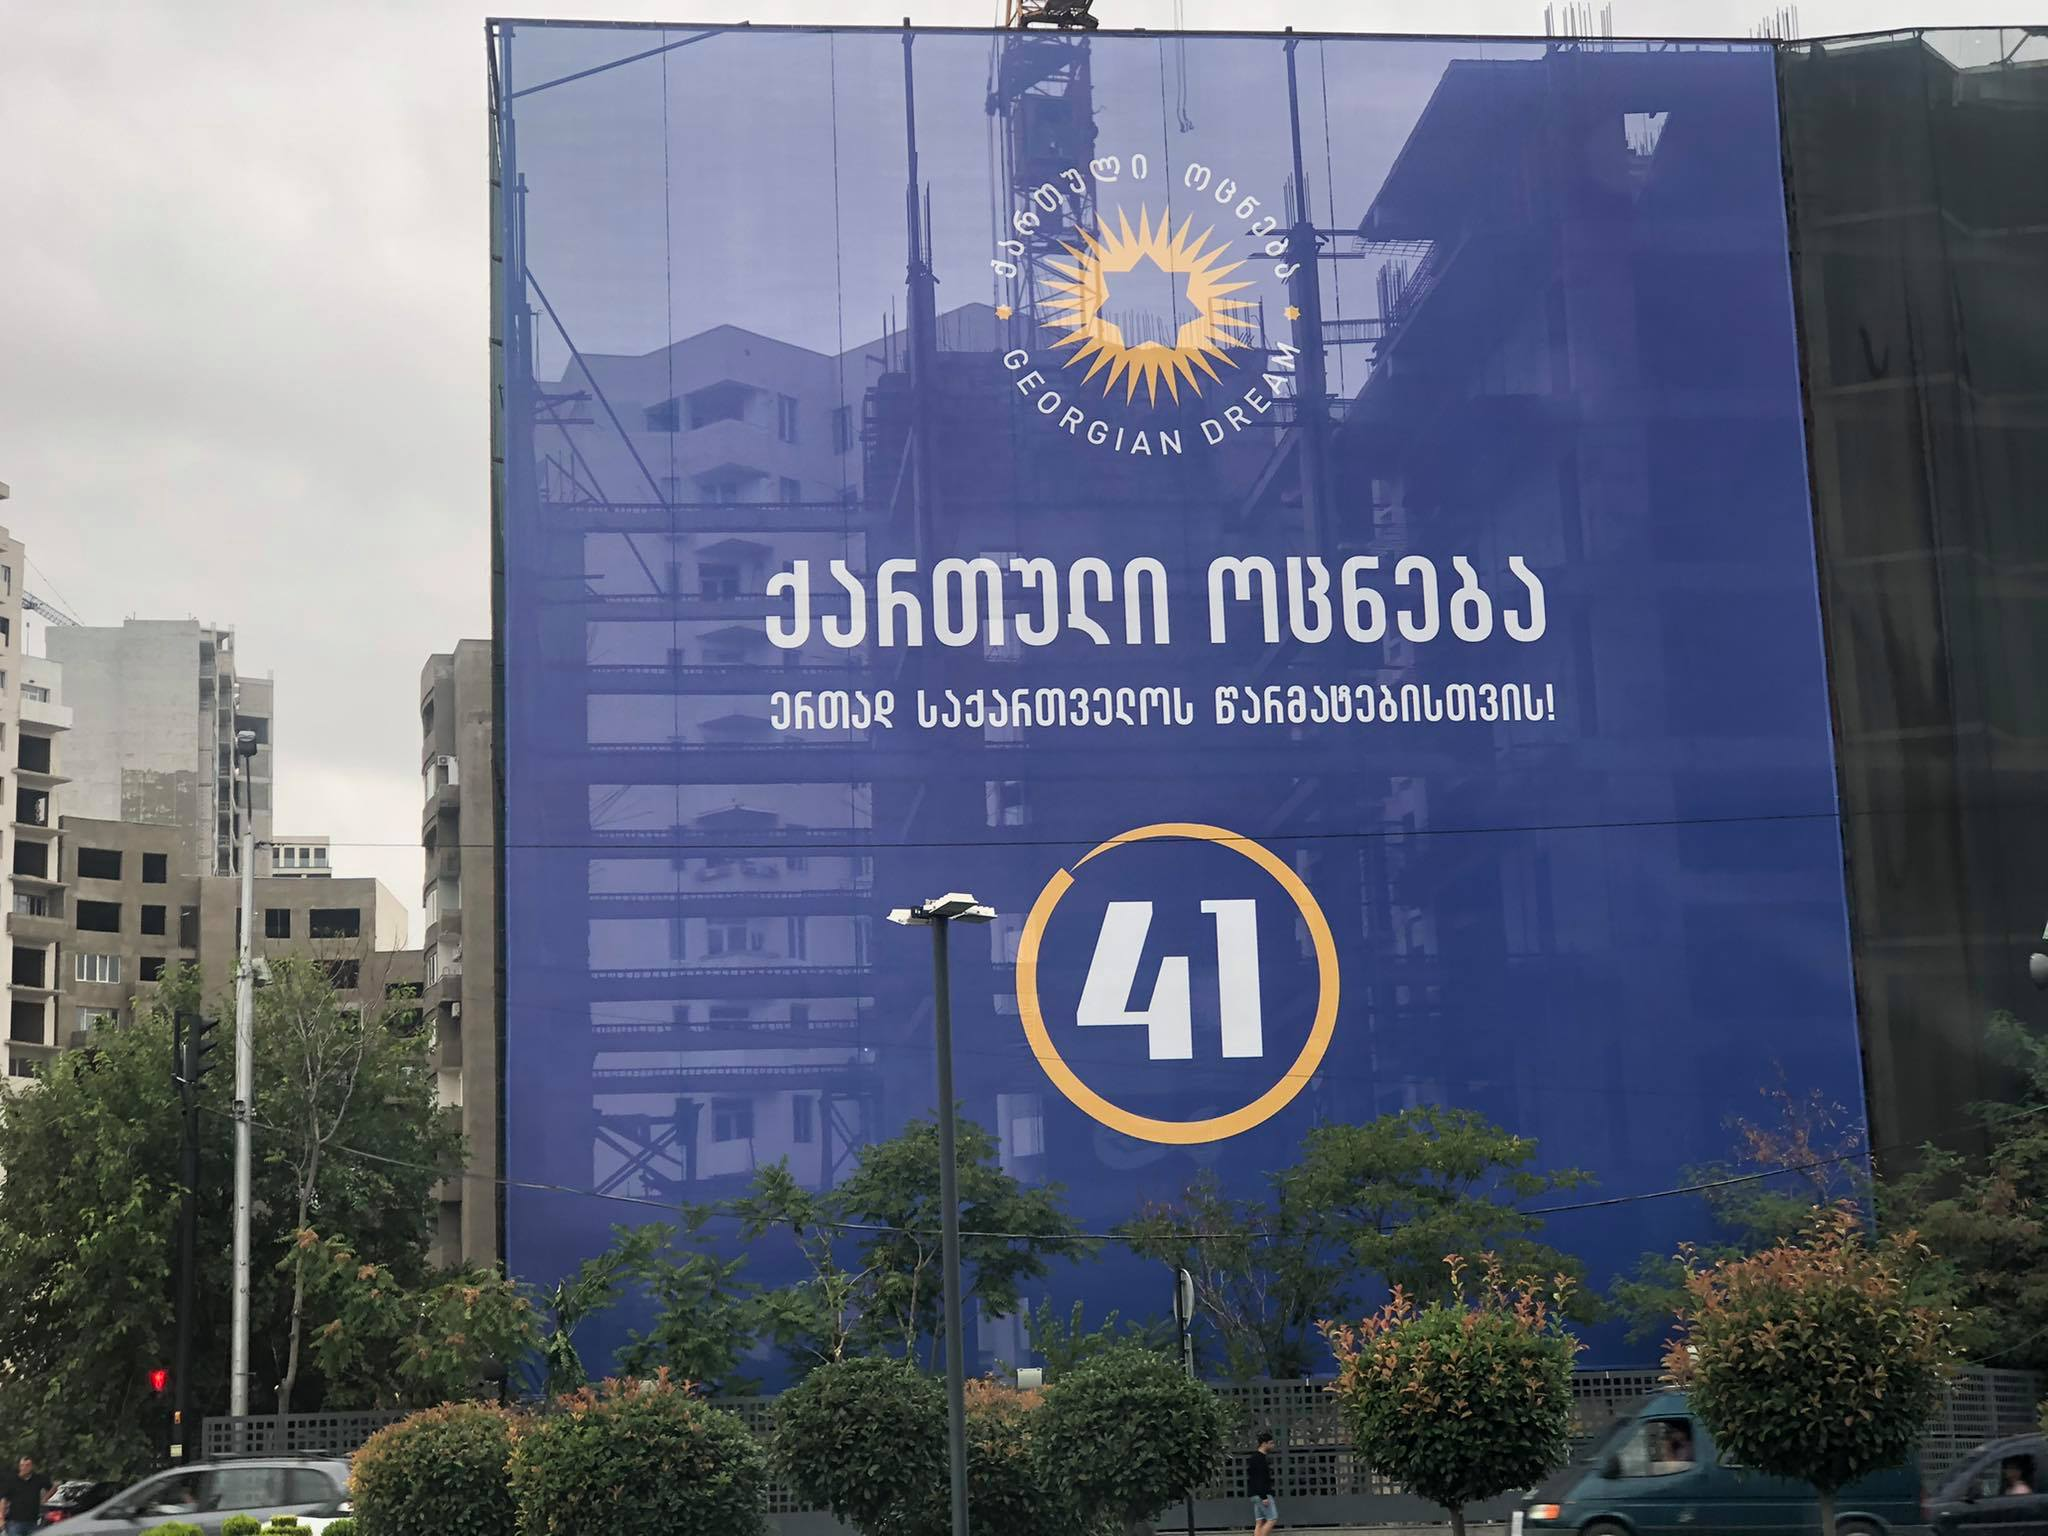 georgian dream #новости акция протеста, Выборы 2020, Георгий Кахиани, Грузинская мечта